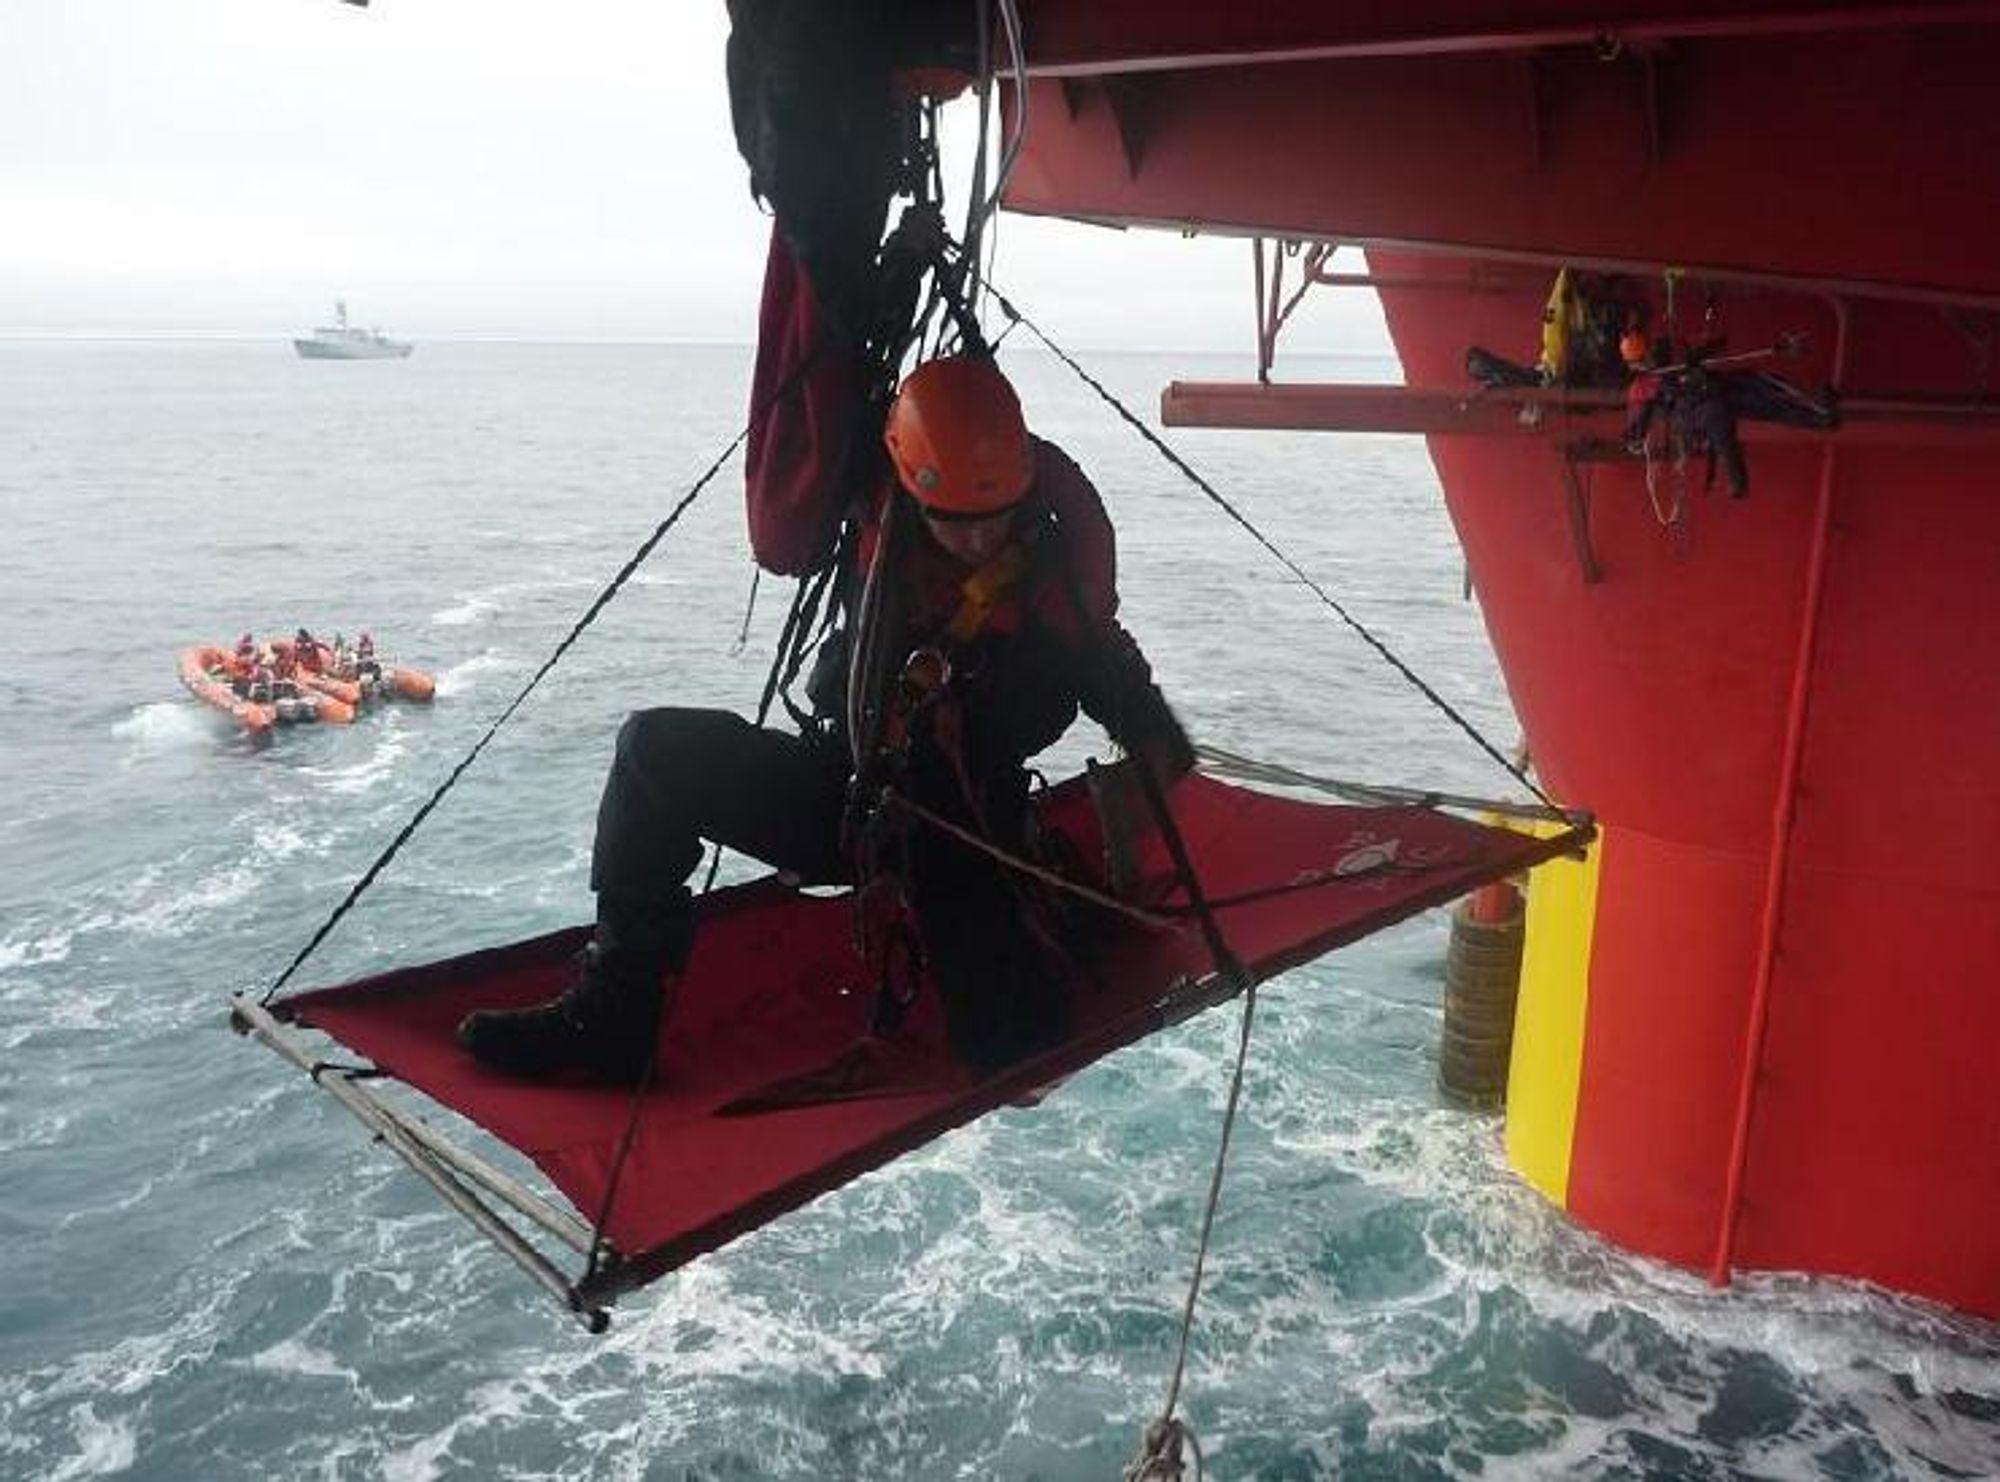 BORDER RIGGEN: Her henger Greenpeace-aktivistene på boreriggen Stena Don utenfor Grønlands kyst.